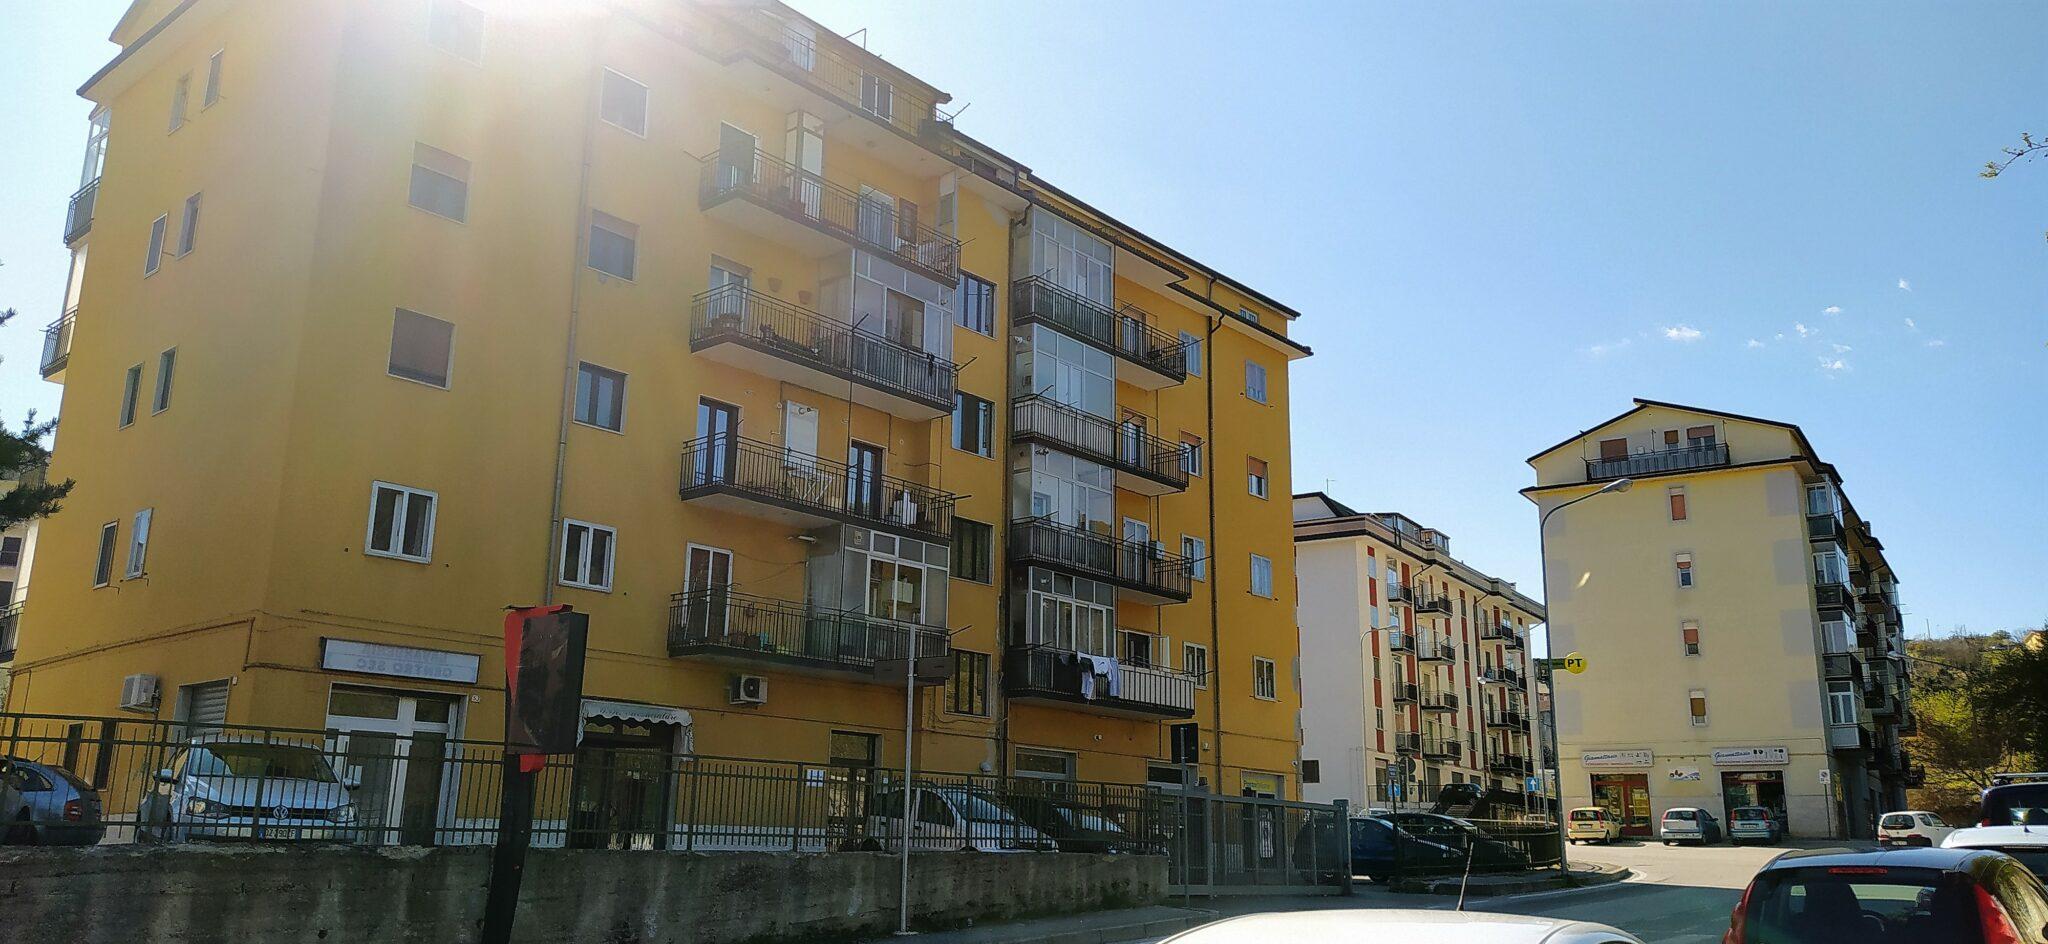 Mansarda in Via Messina